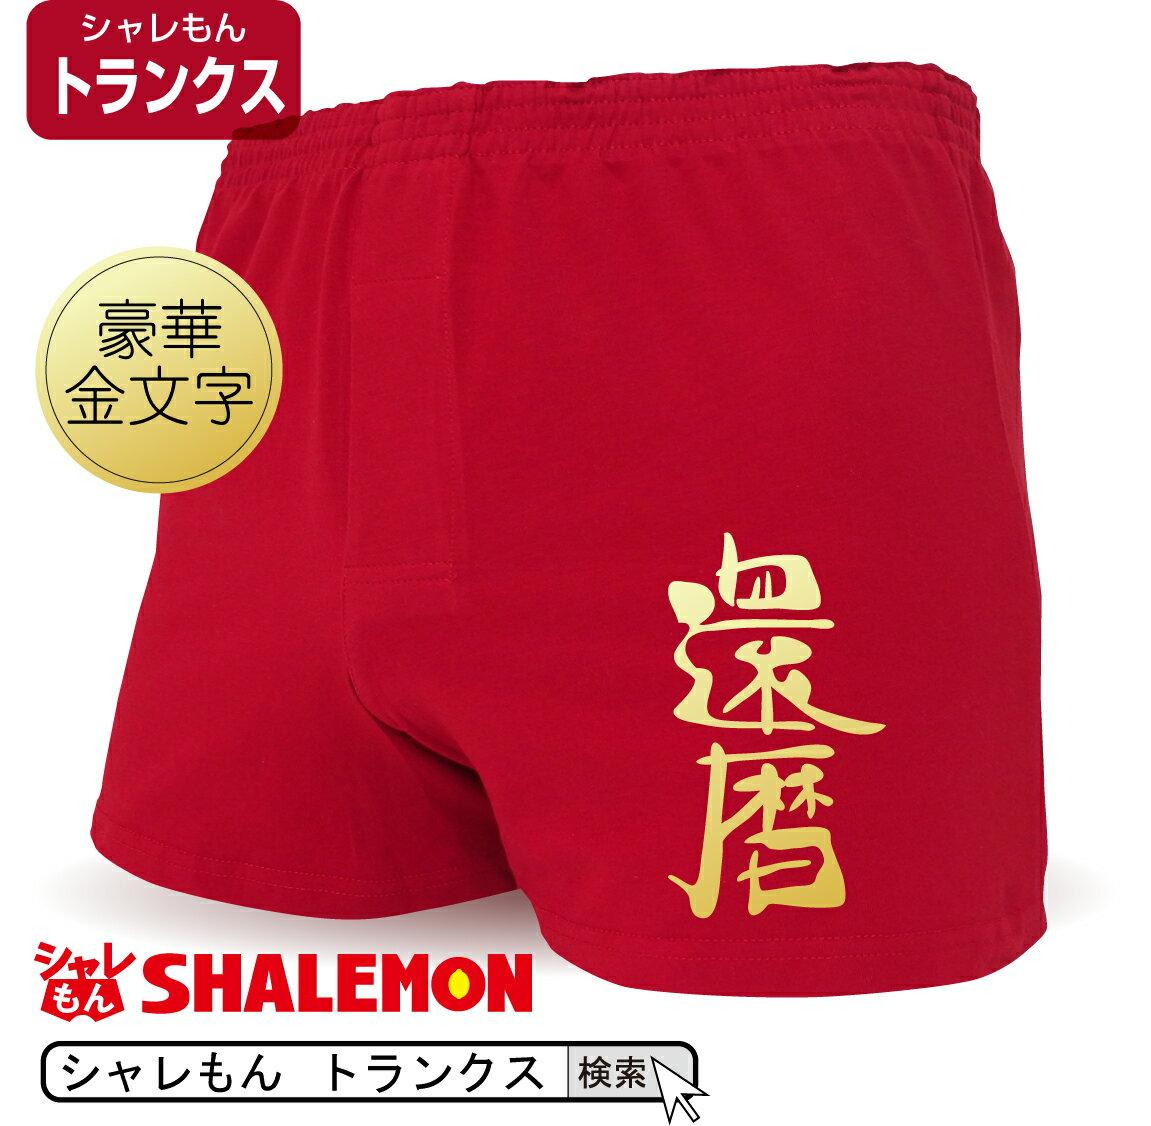 還暦祝い 父 男性 還暦 パンツ 赤い トランクス 下着 肌着 プレゼント ちゃんちゃんこ の代わりに 02P02Sep17